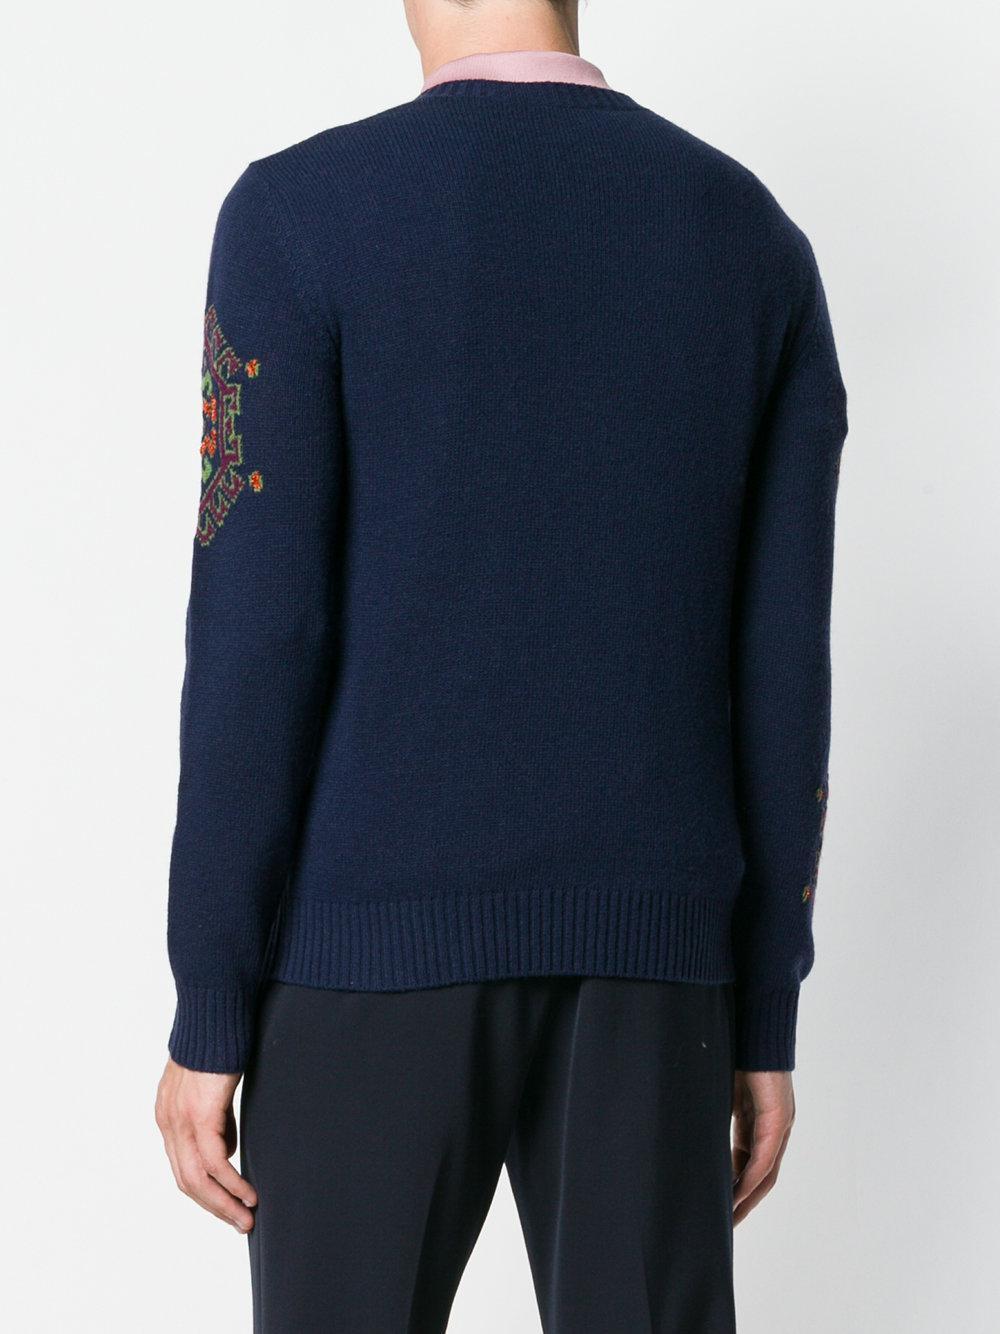 02900c3ffe94 Lyst - Etro Patterned Knit Sweater in Blue for Men